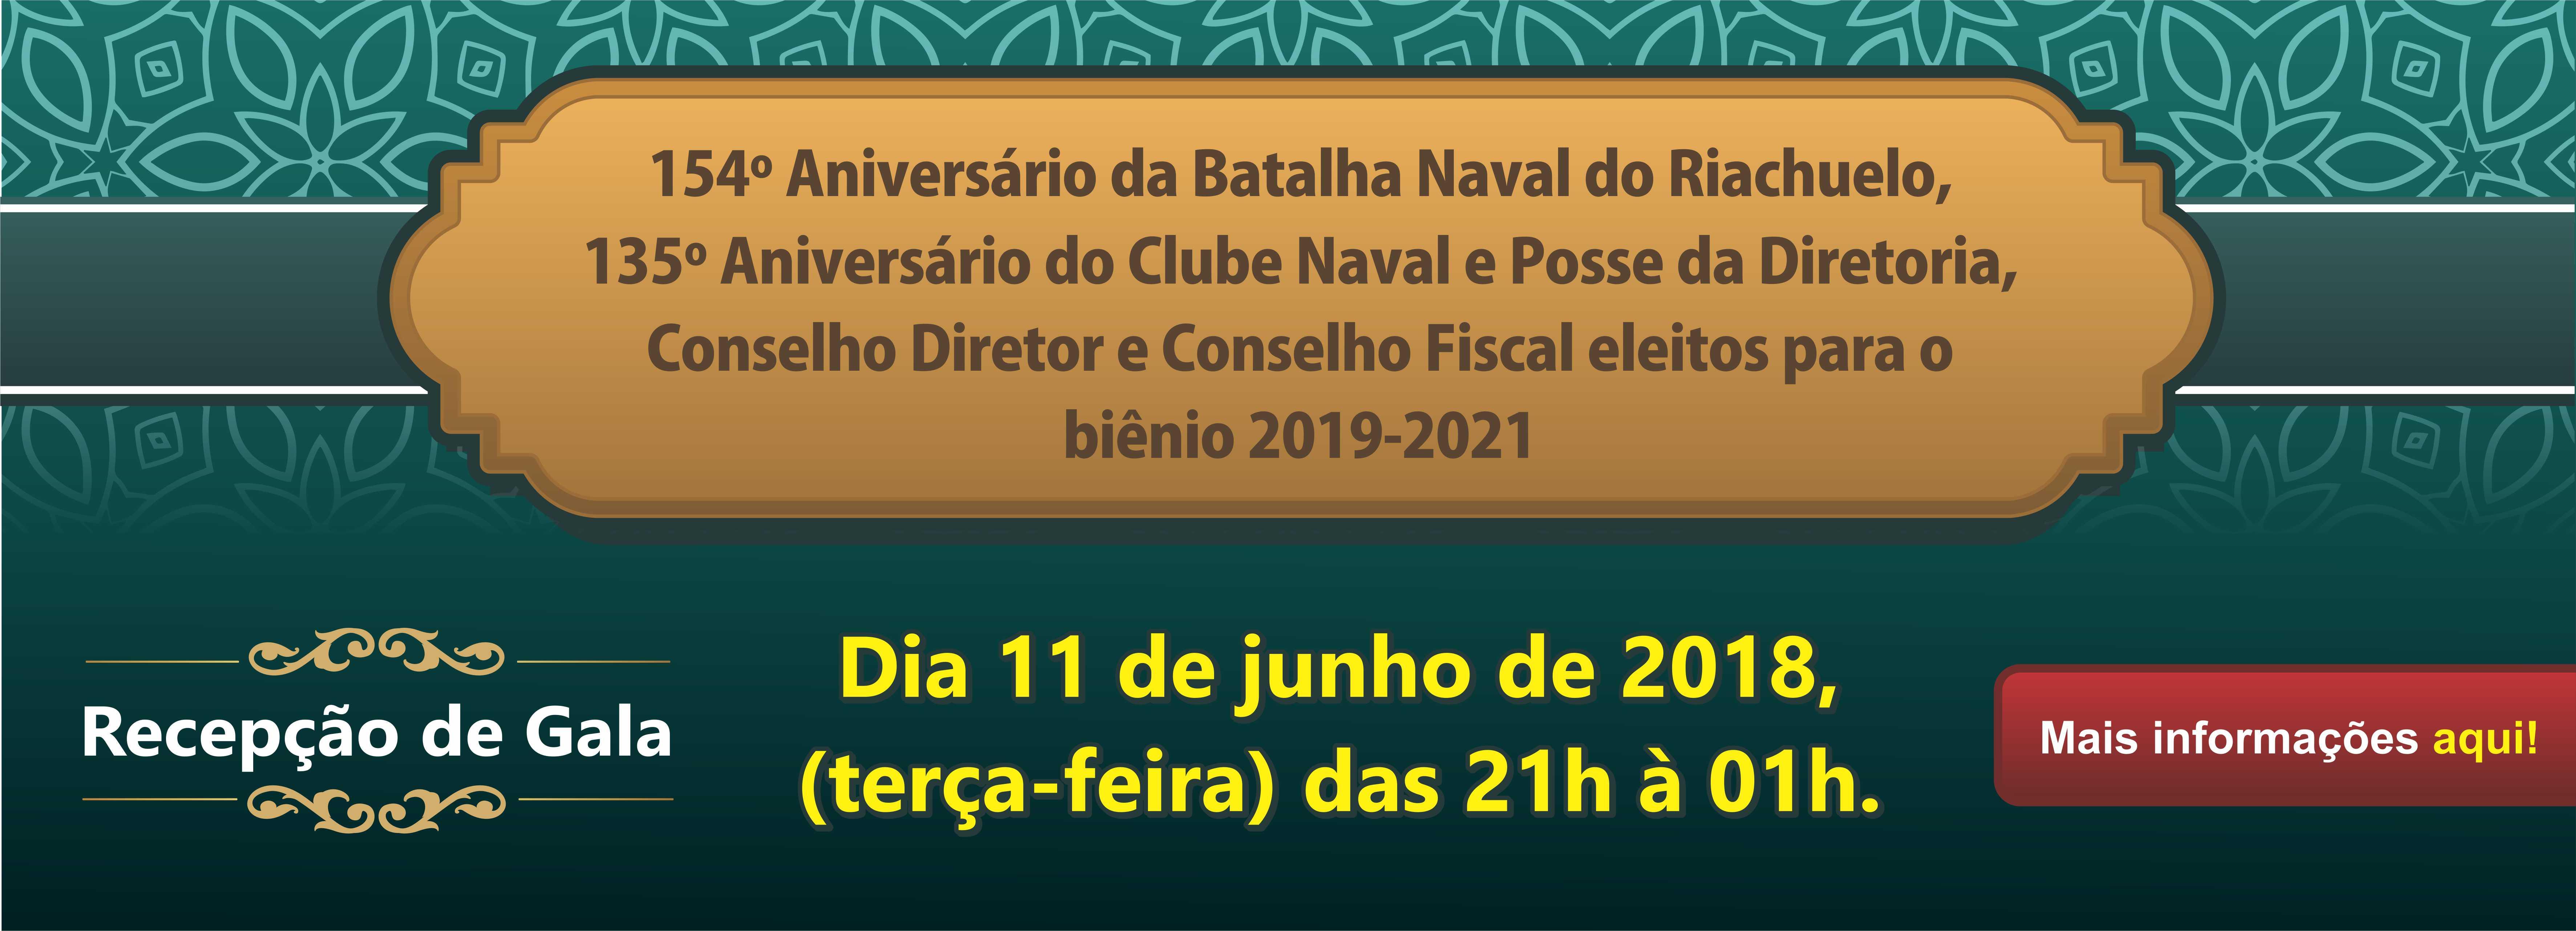 https://www.clubenaval.org.br/novo/154%C2%BA-anivers%C3%A1rio-da-batalha-naval-do-riachuelo-135%C2%BA-anivers%C3%A1rio-do-clube-naval-e-posse-da-diretoria